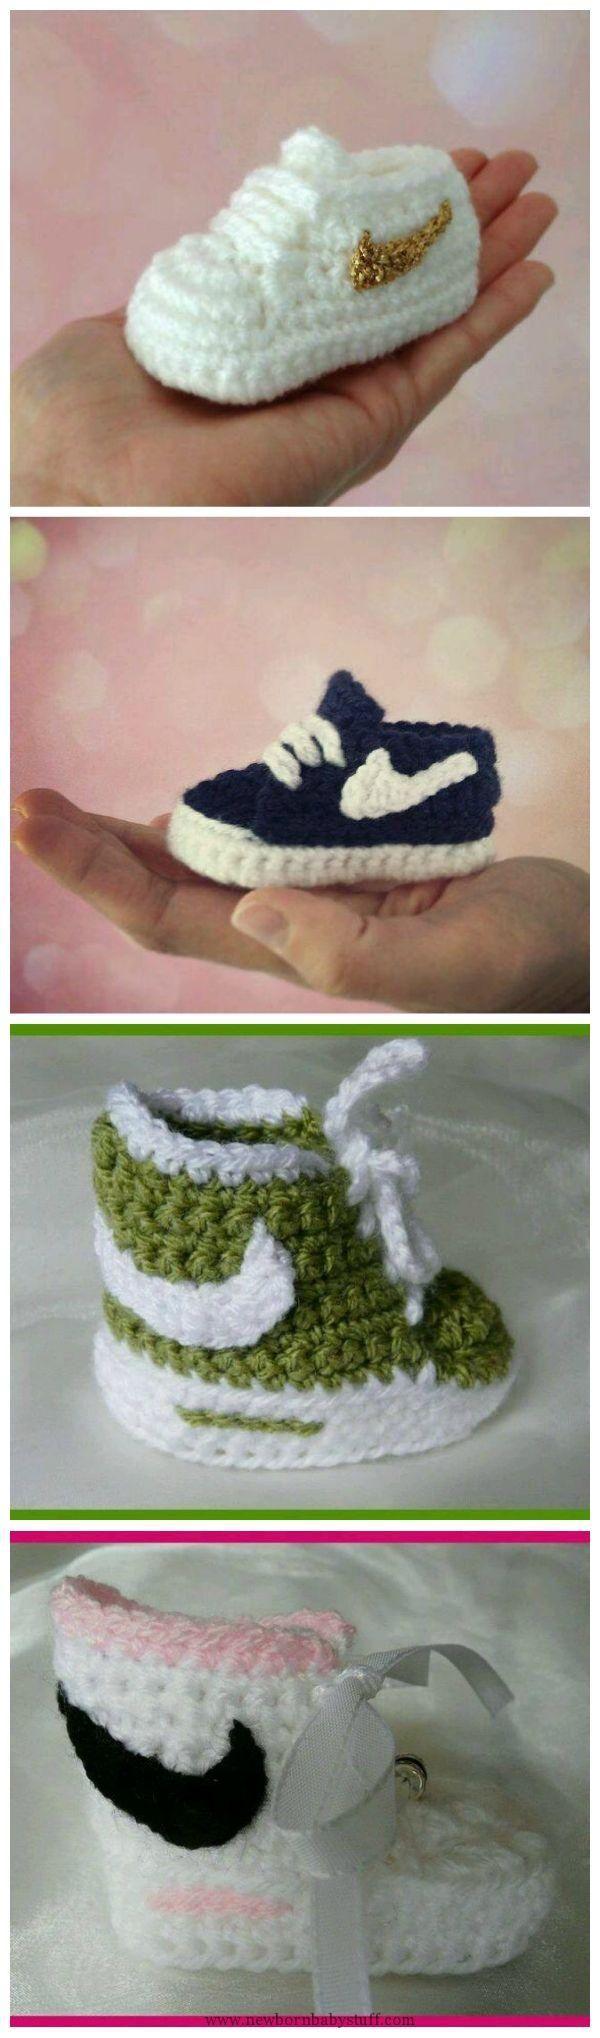 Crochet Baby Booties How to Crochet Nike Inspired Baby Booties...